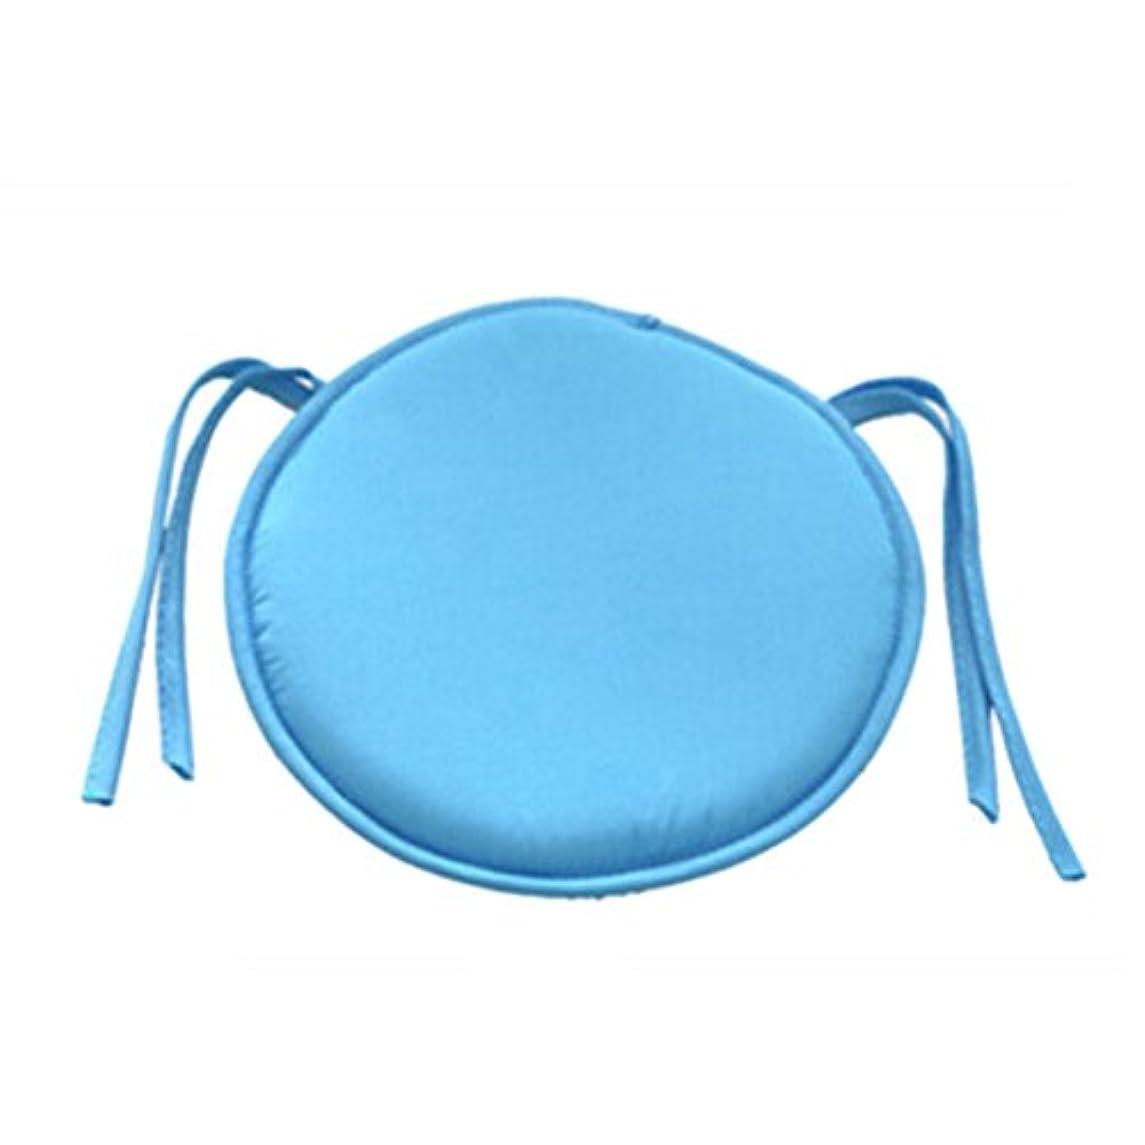 アクセル期待して登録するSMART ホット販売ラウンドチェアクッション屋内ポップパティオオフィスチェアシートパッドネクタイスクエアガーデンキッチンダイニングクッション クッション 椅子